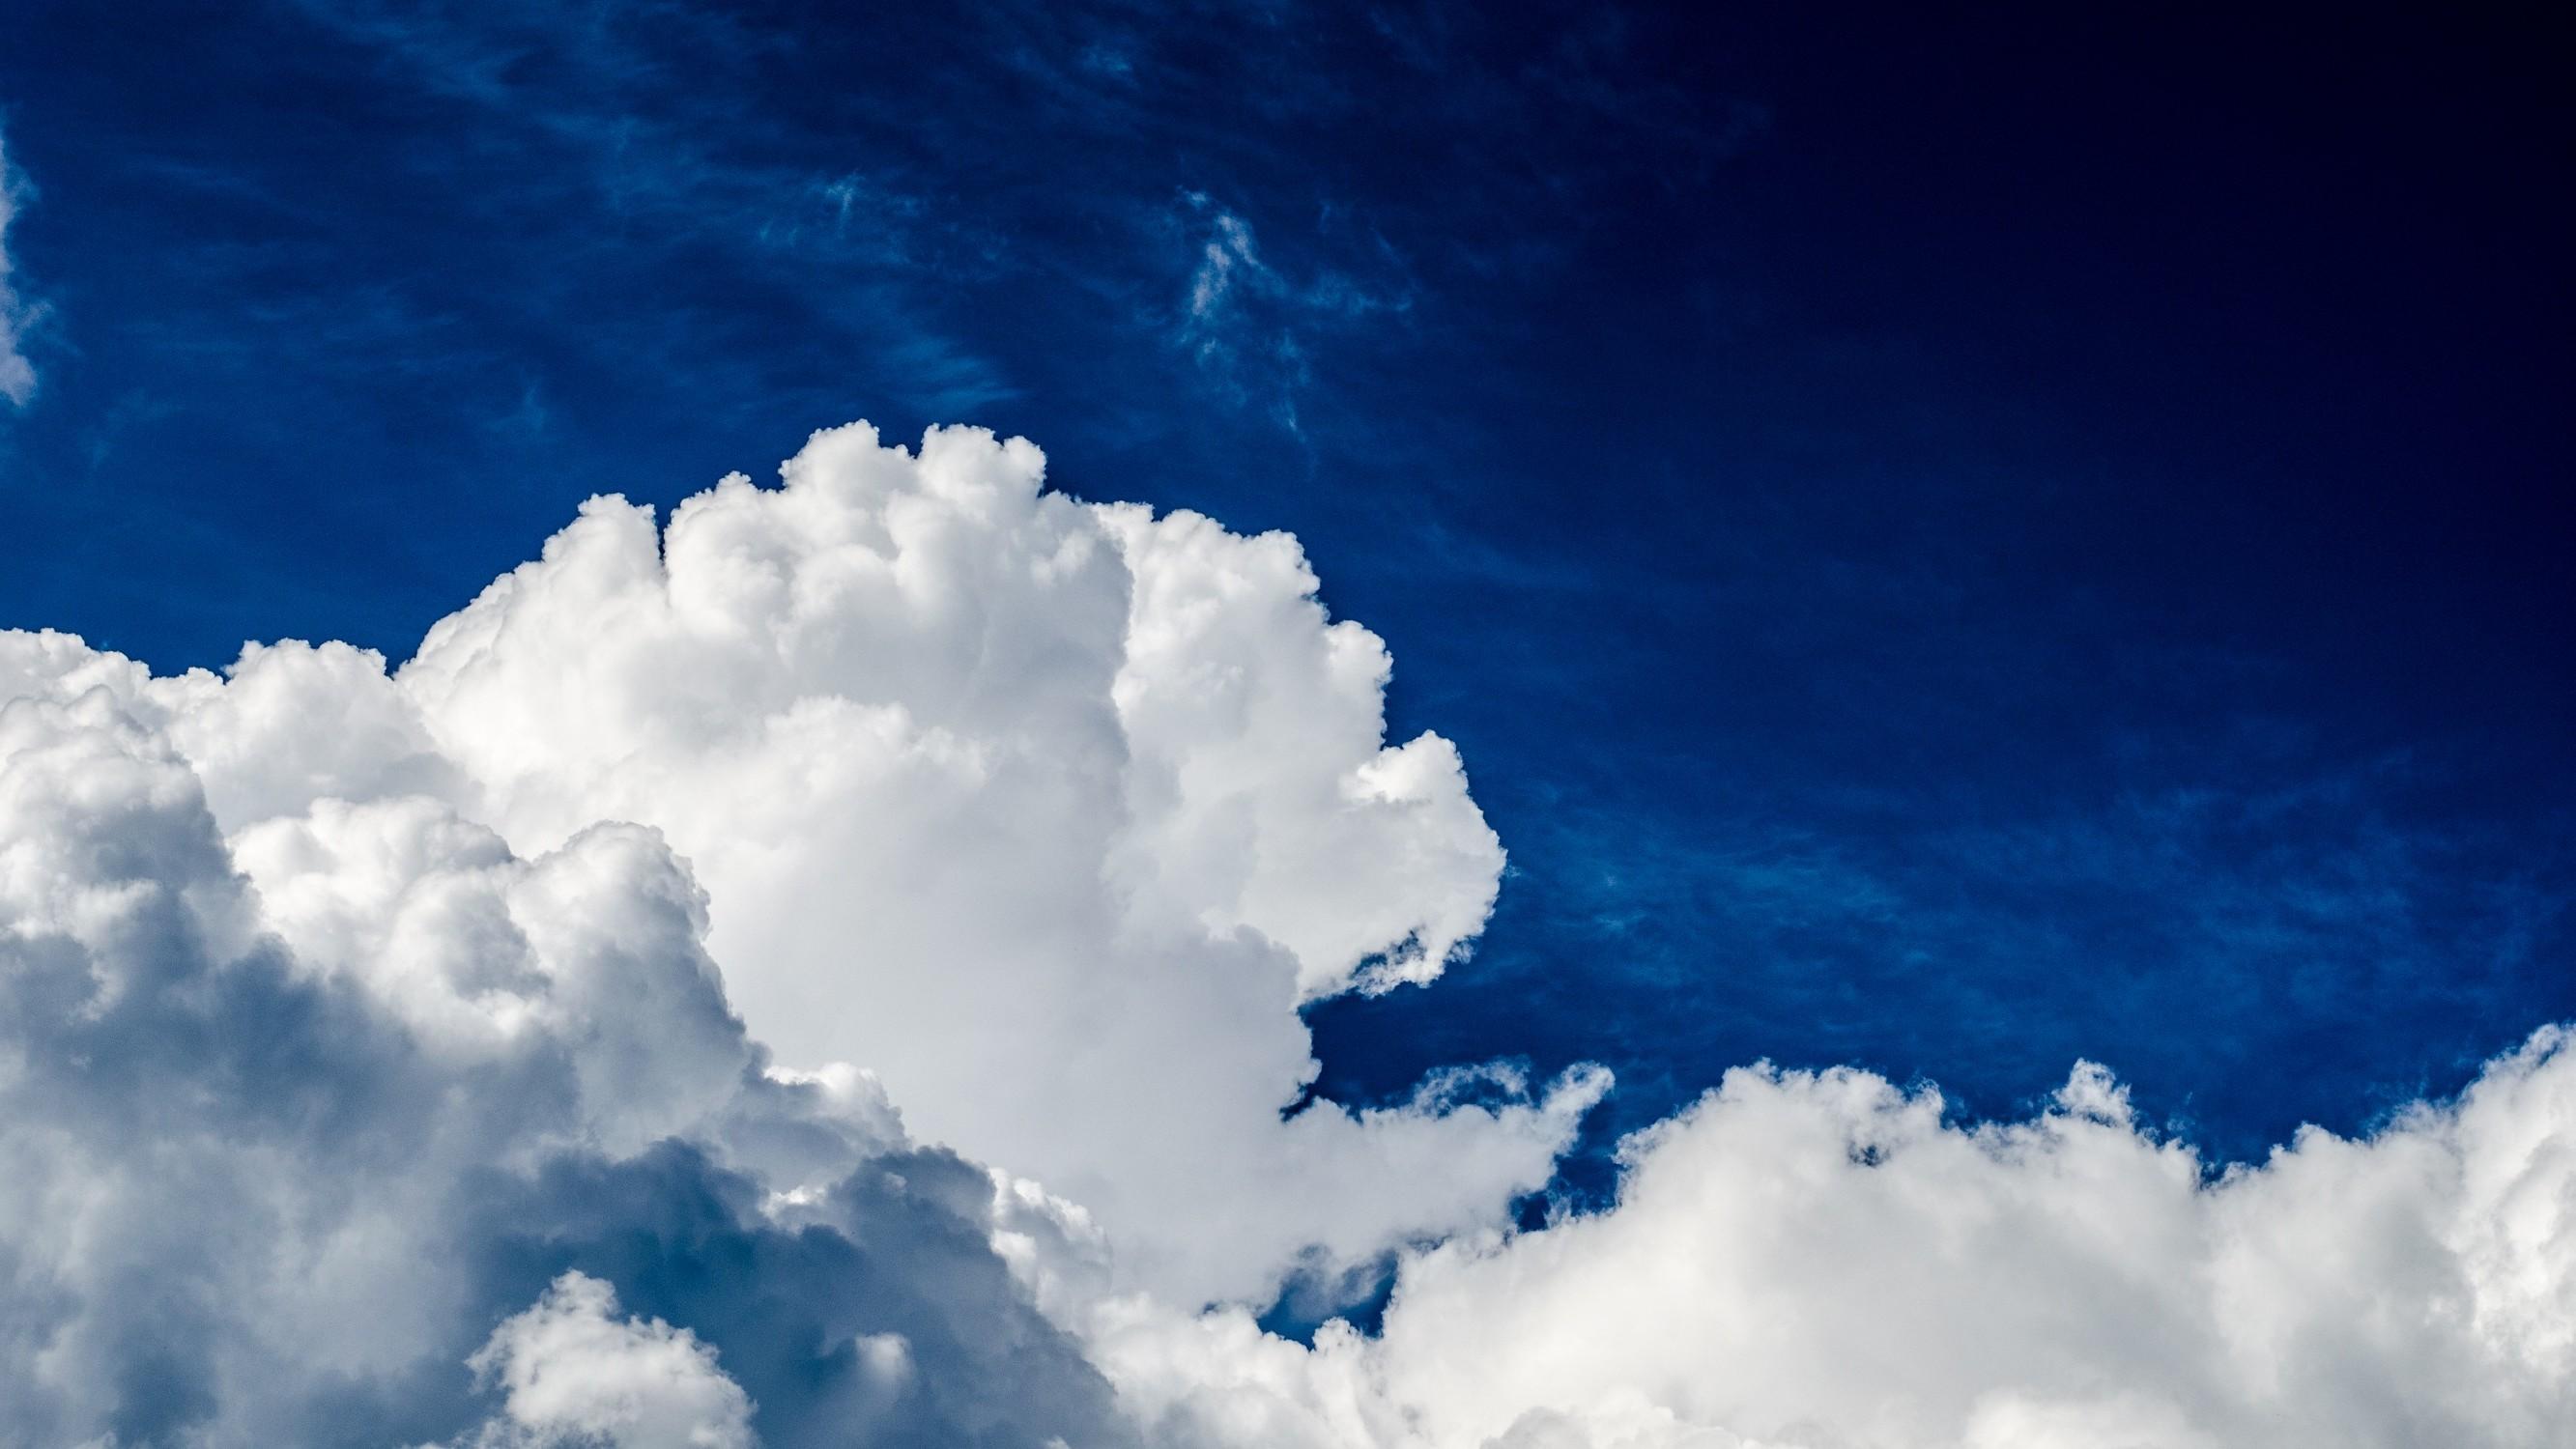 Какие метеоусловия ожидаются в Казахстане 13 июня